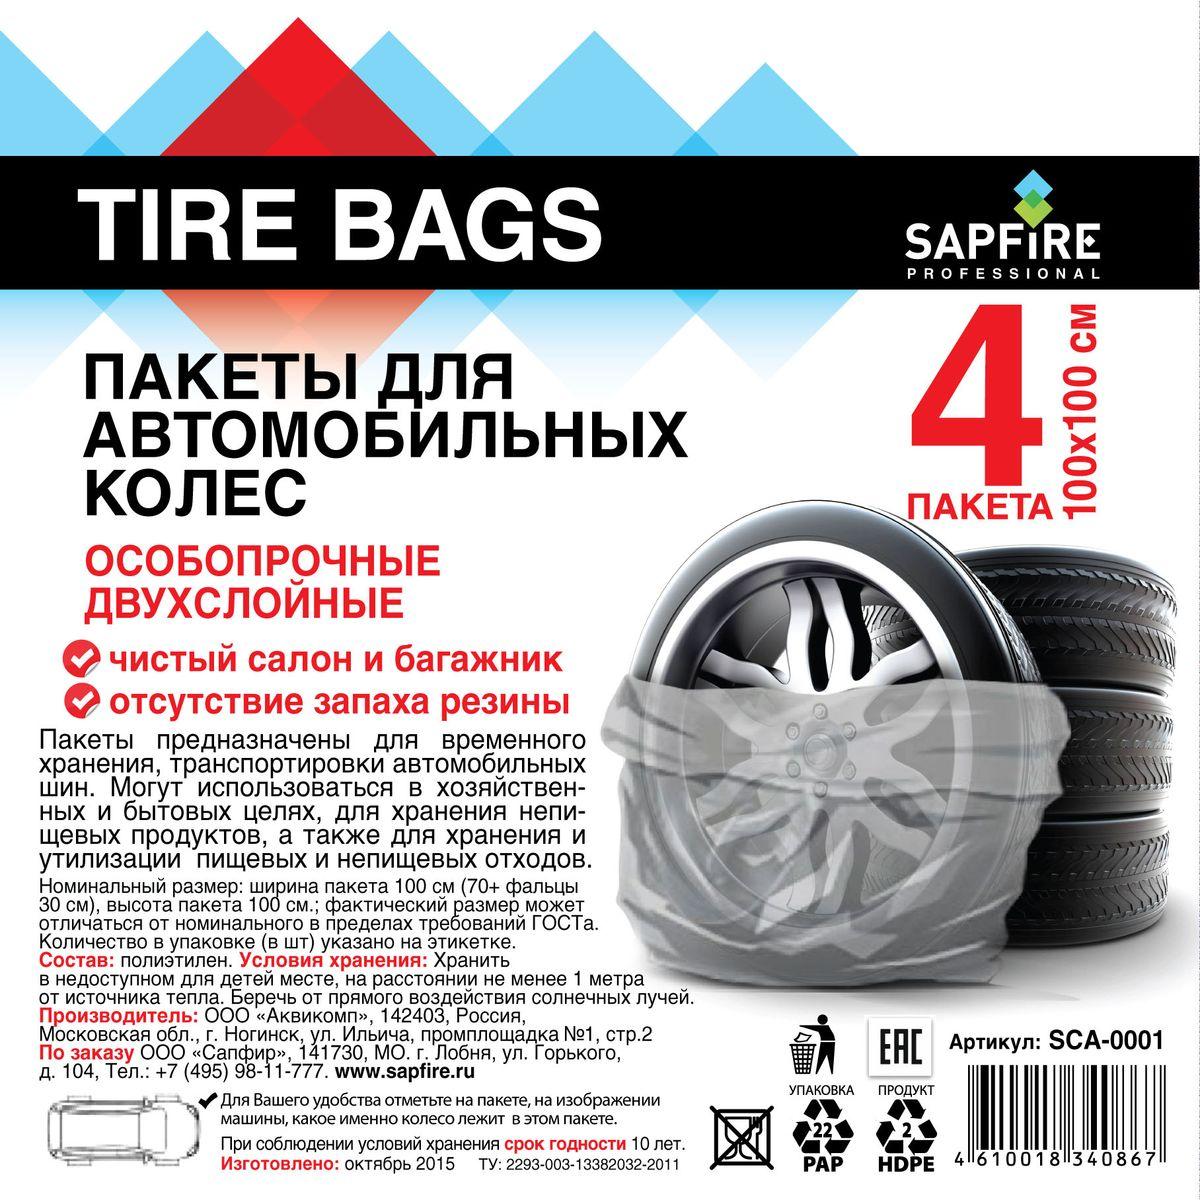 Пакеты для автомобильных колес Sapfire, 4 шт0001-SCAПакеты Sapfire выполнены из высококачественного полиэтилена. Они предназначены для временного хранения транспортировки автомобильных шин. Могут использоваться в хозяйственных и бытовых целях, например, для хранения непищевых продуктов, а также для хранения и утилизации пищевых и непищевых отходов.Номинальный размер: ширина пакета 100 см (70+ фальцы 30 см), высота пакета 100 см. Уважаемые клиенты! Обращаем ваше внимание ,что фактический размер может отличаться от номинального в пределах требований ГОСТа.